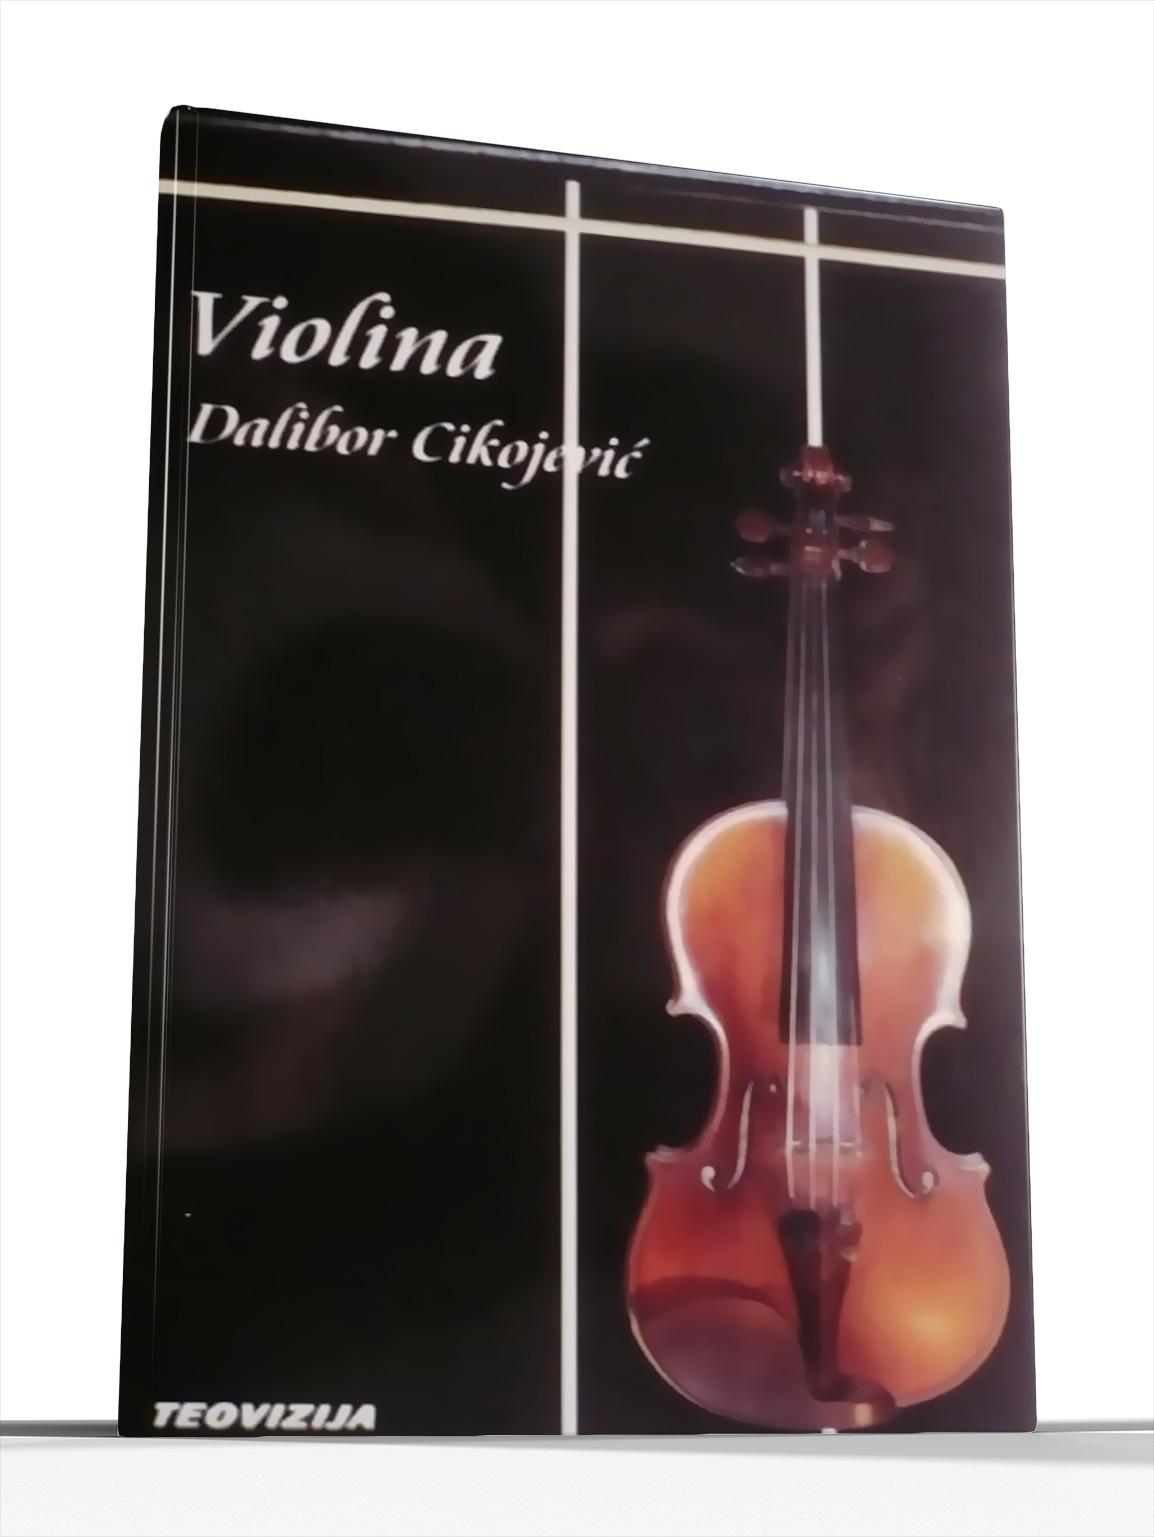 VIOLINA - Dalibor Cikojević